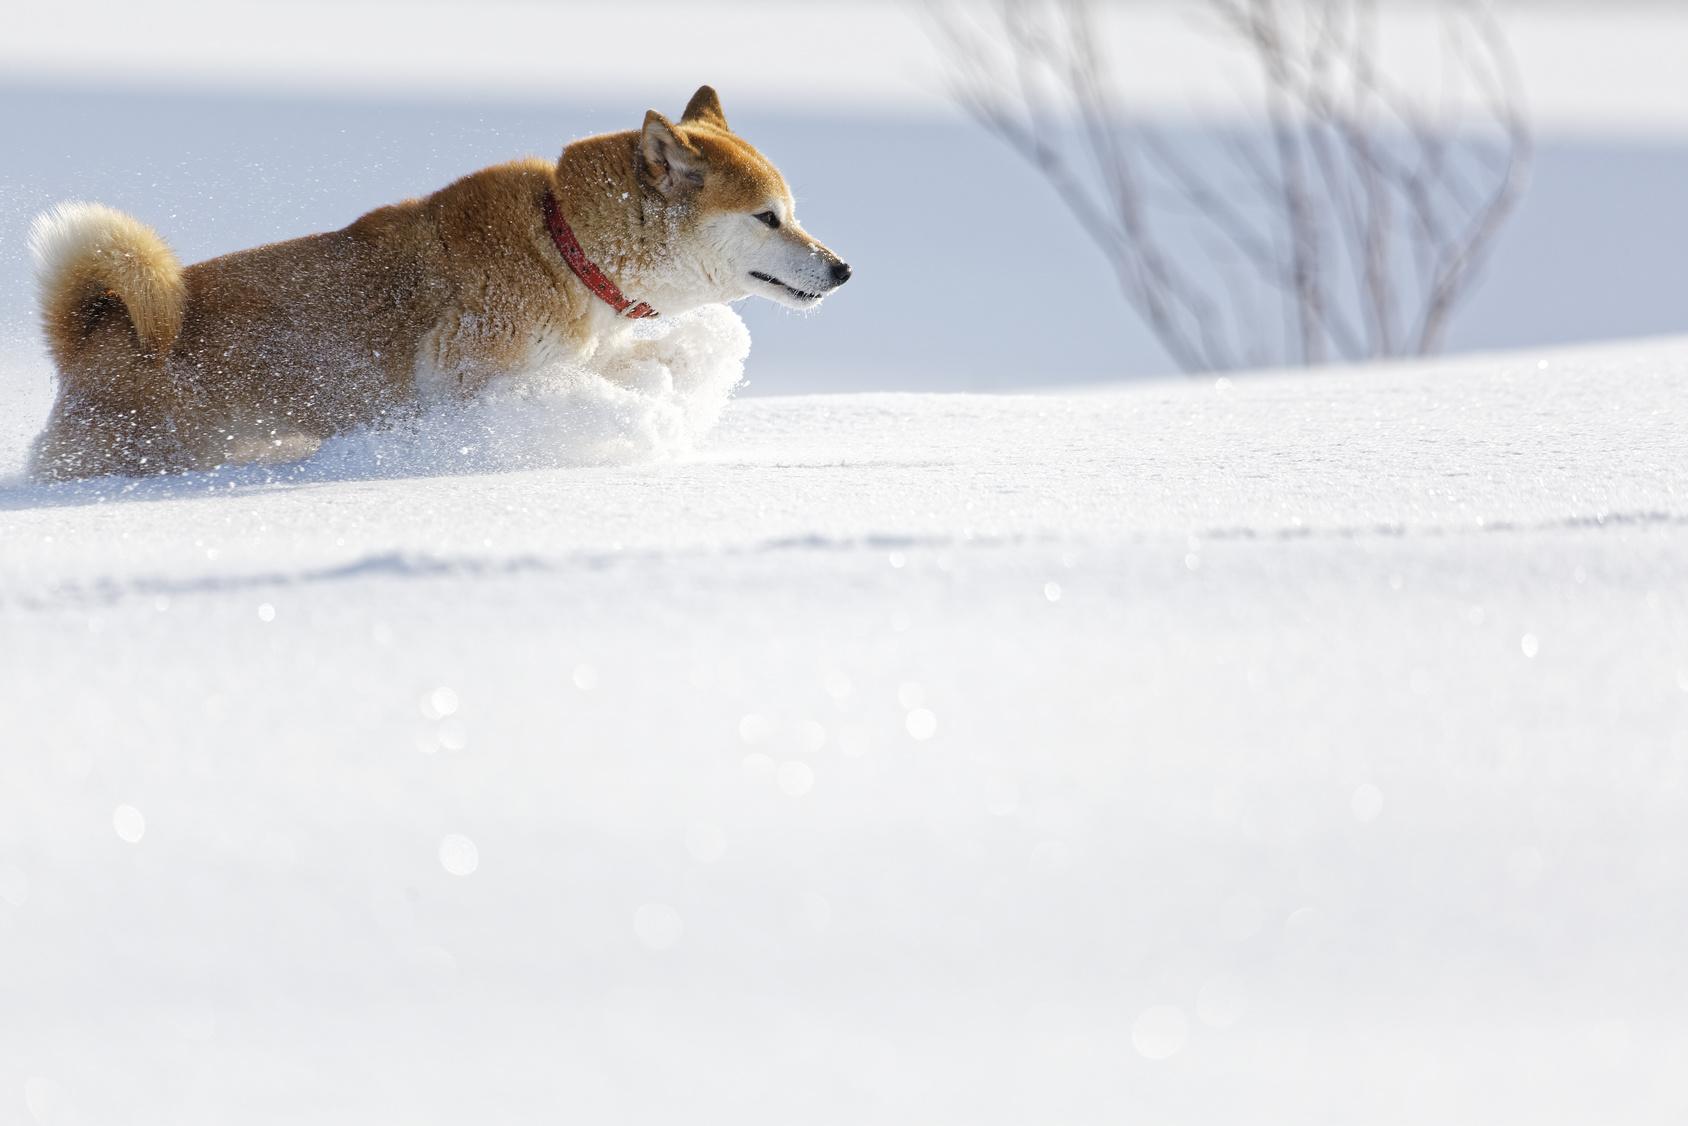 【寒い日には特に気を付けて!】犬にもヒートショックがあることをご存知ですか?